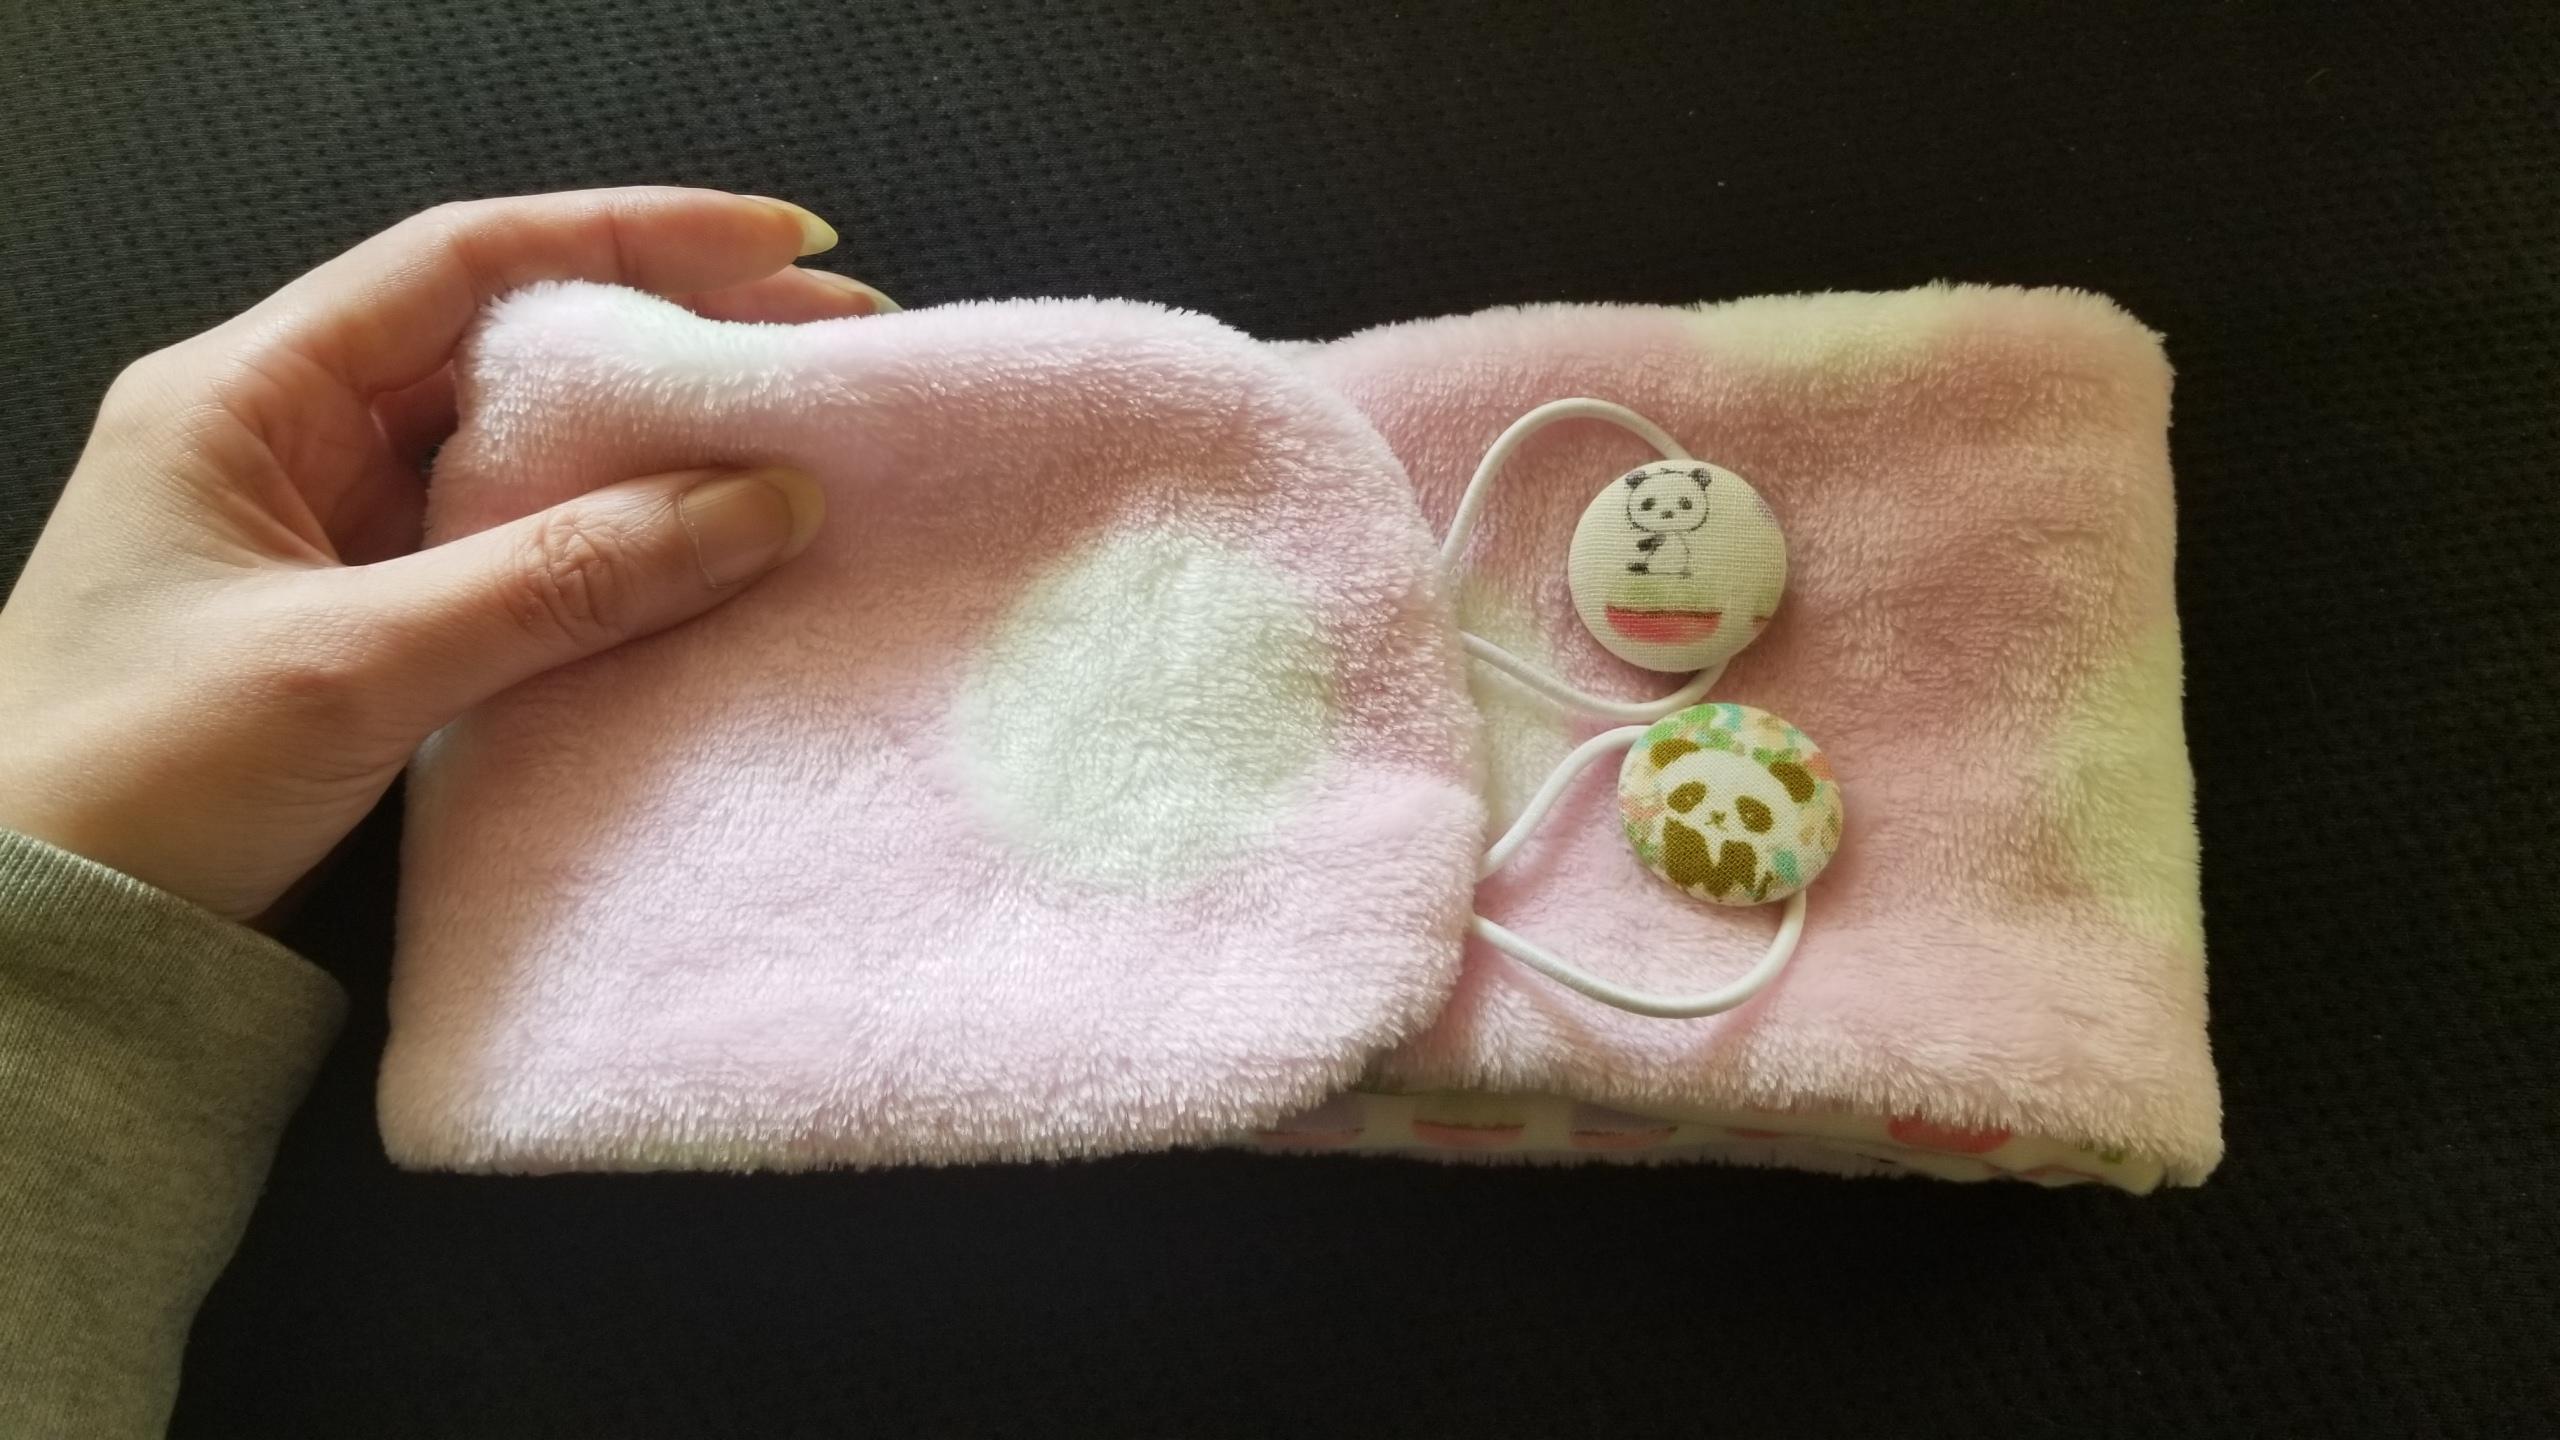 かわいい手作りハンドメイド,布小物,ネックウォーマー,首の痛み